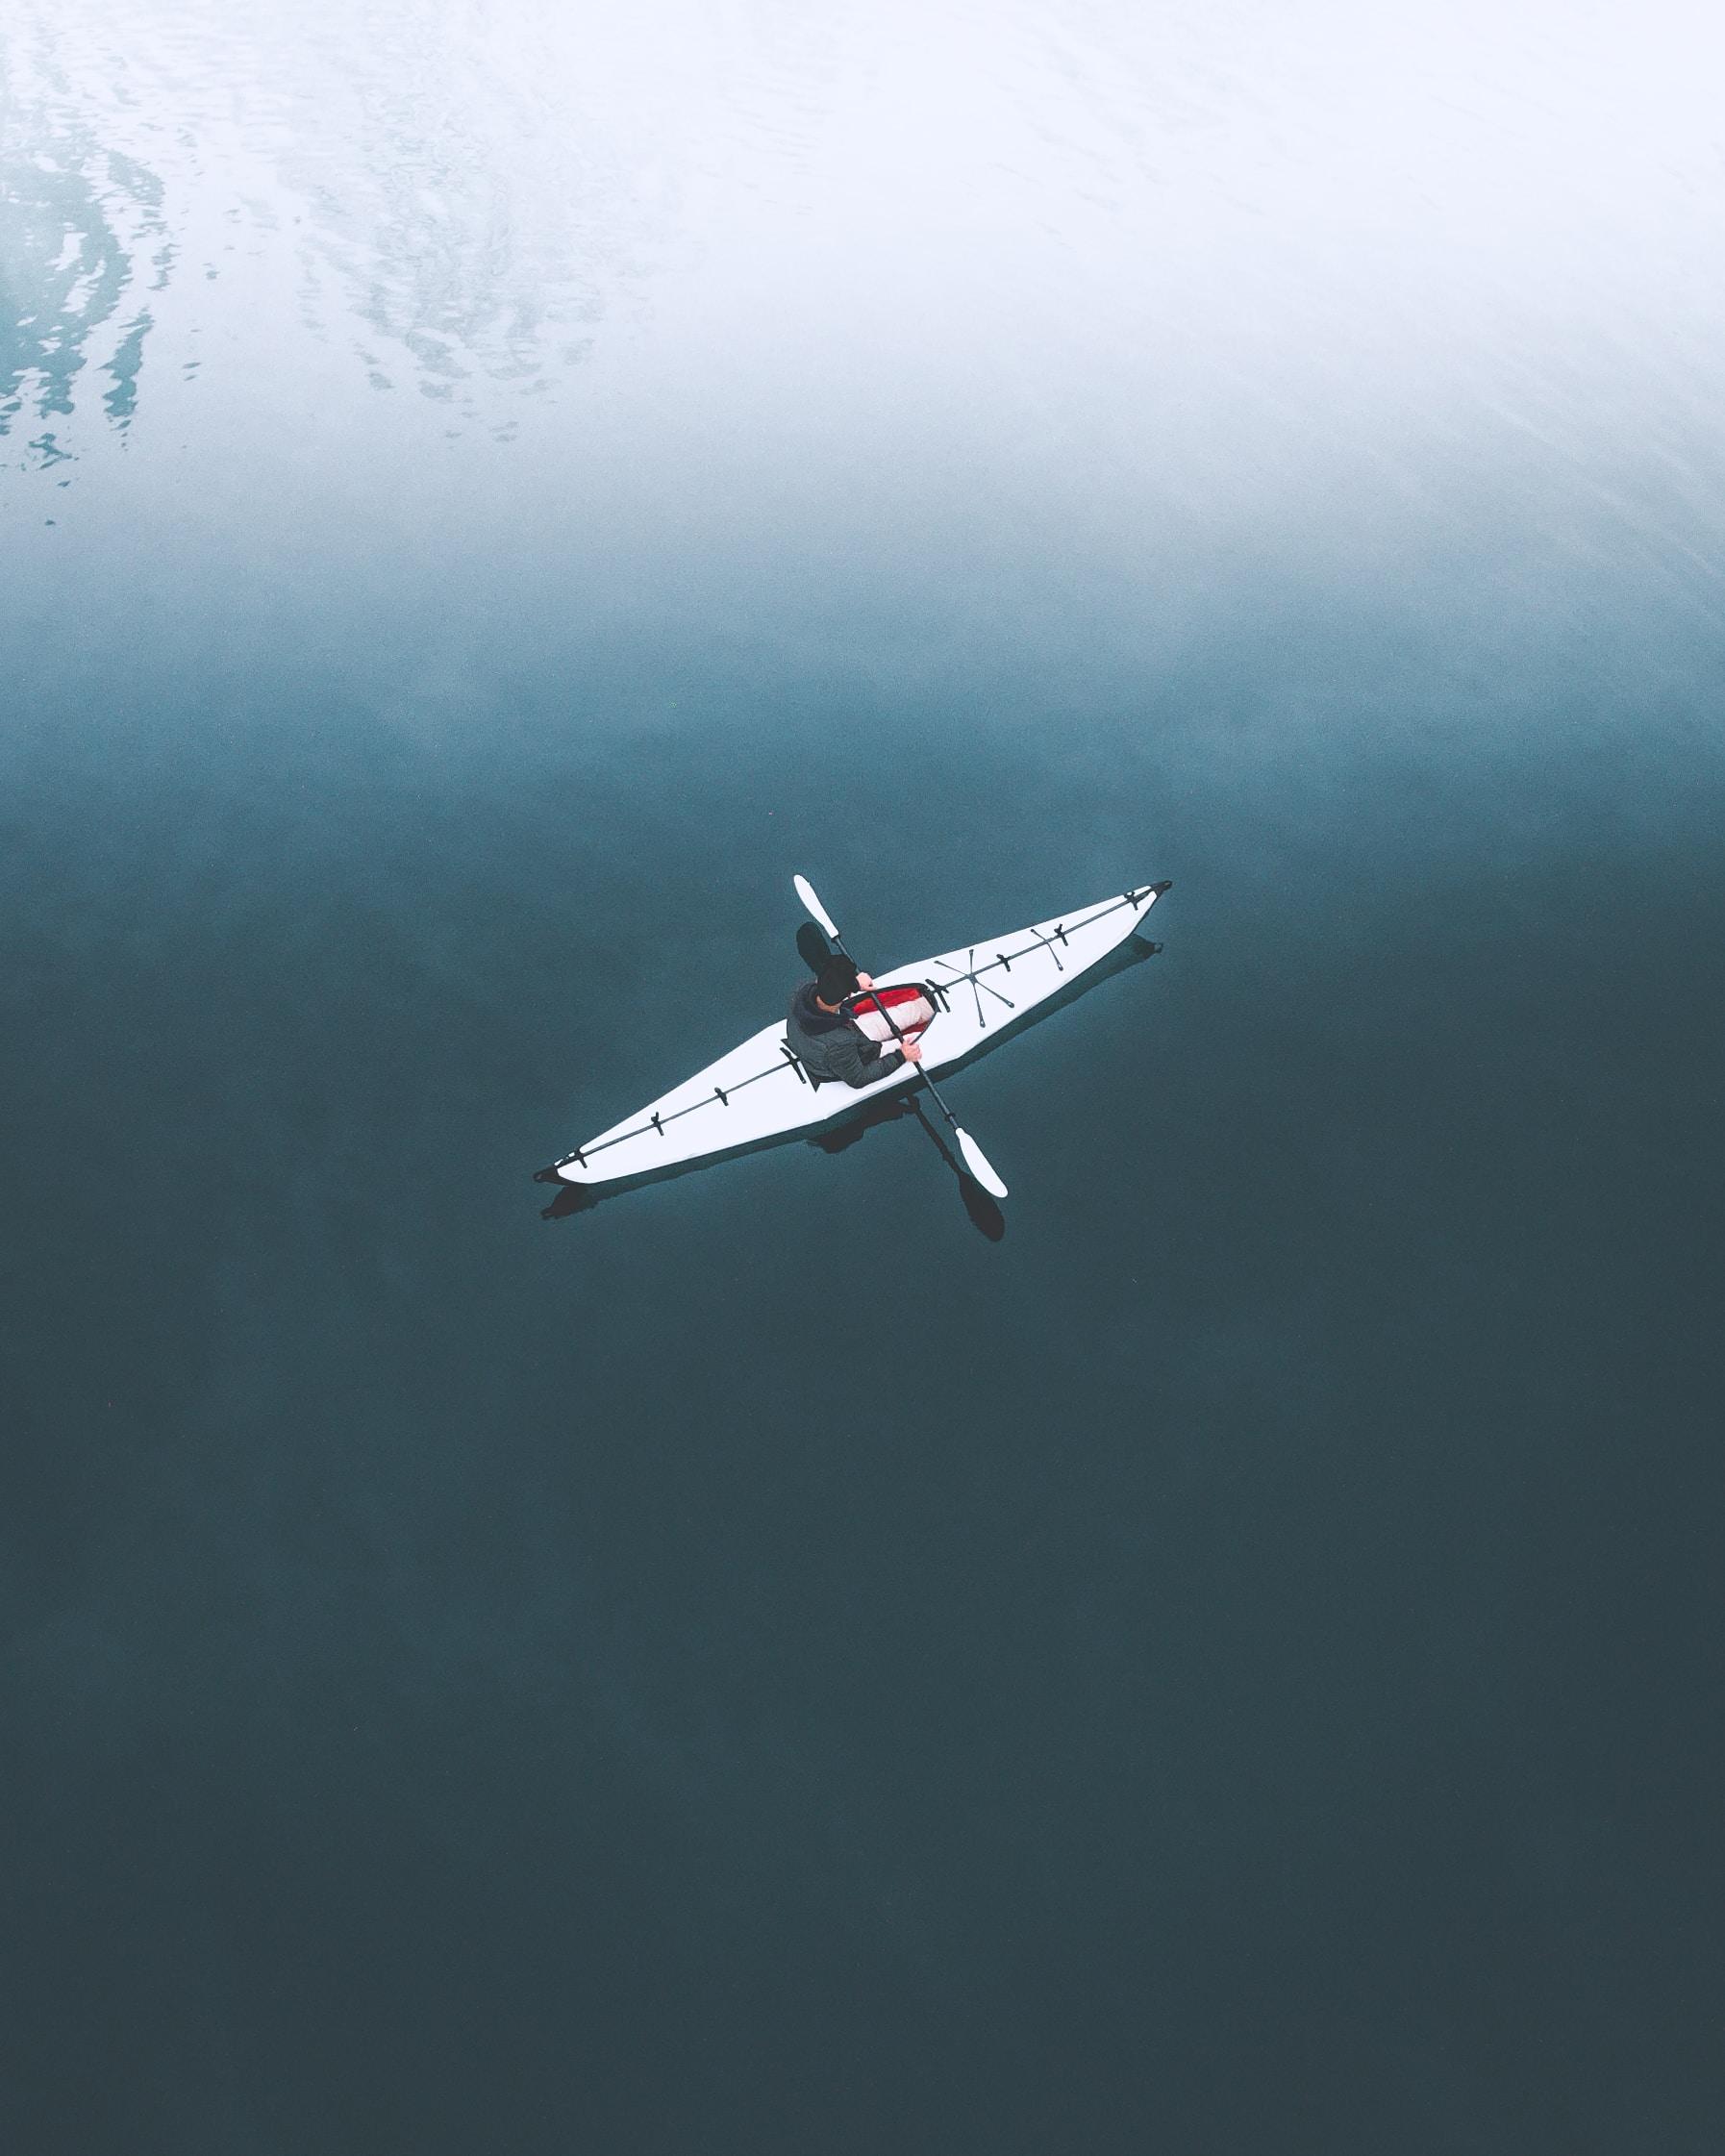 man in kayak on body of water during daytime